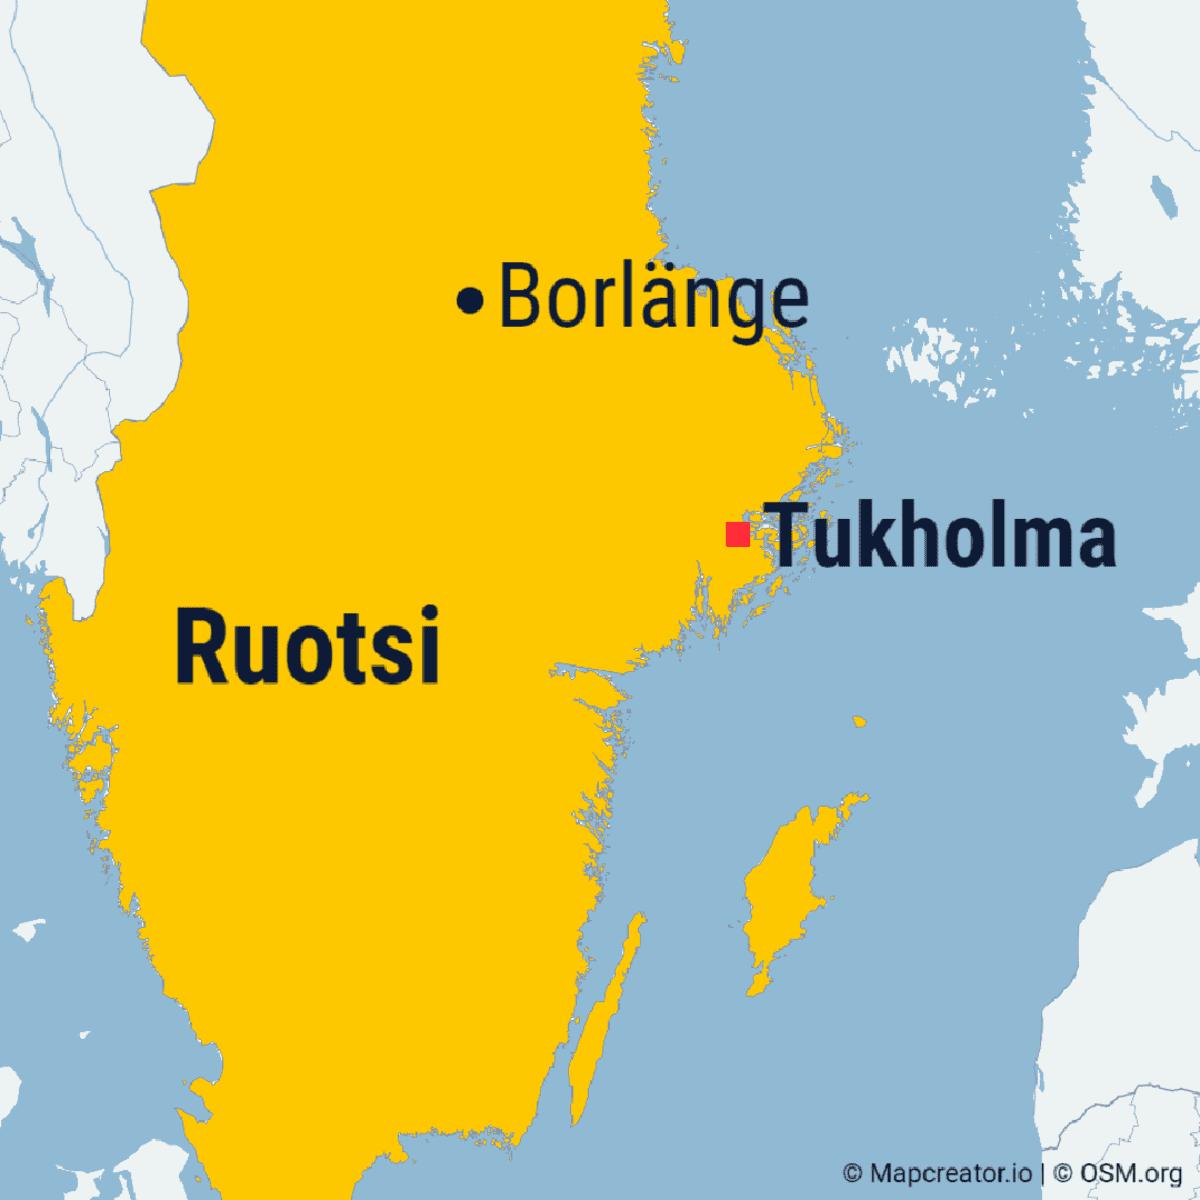 Borlänge Ruotsin kartalla.